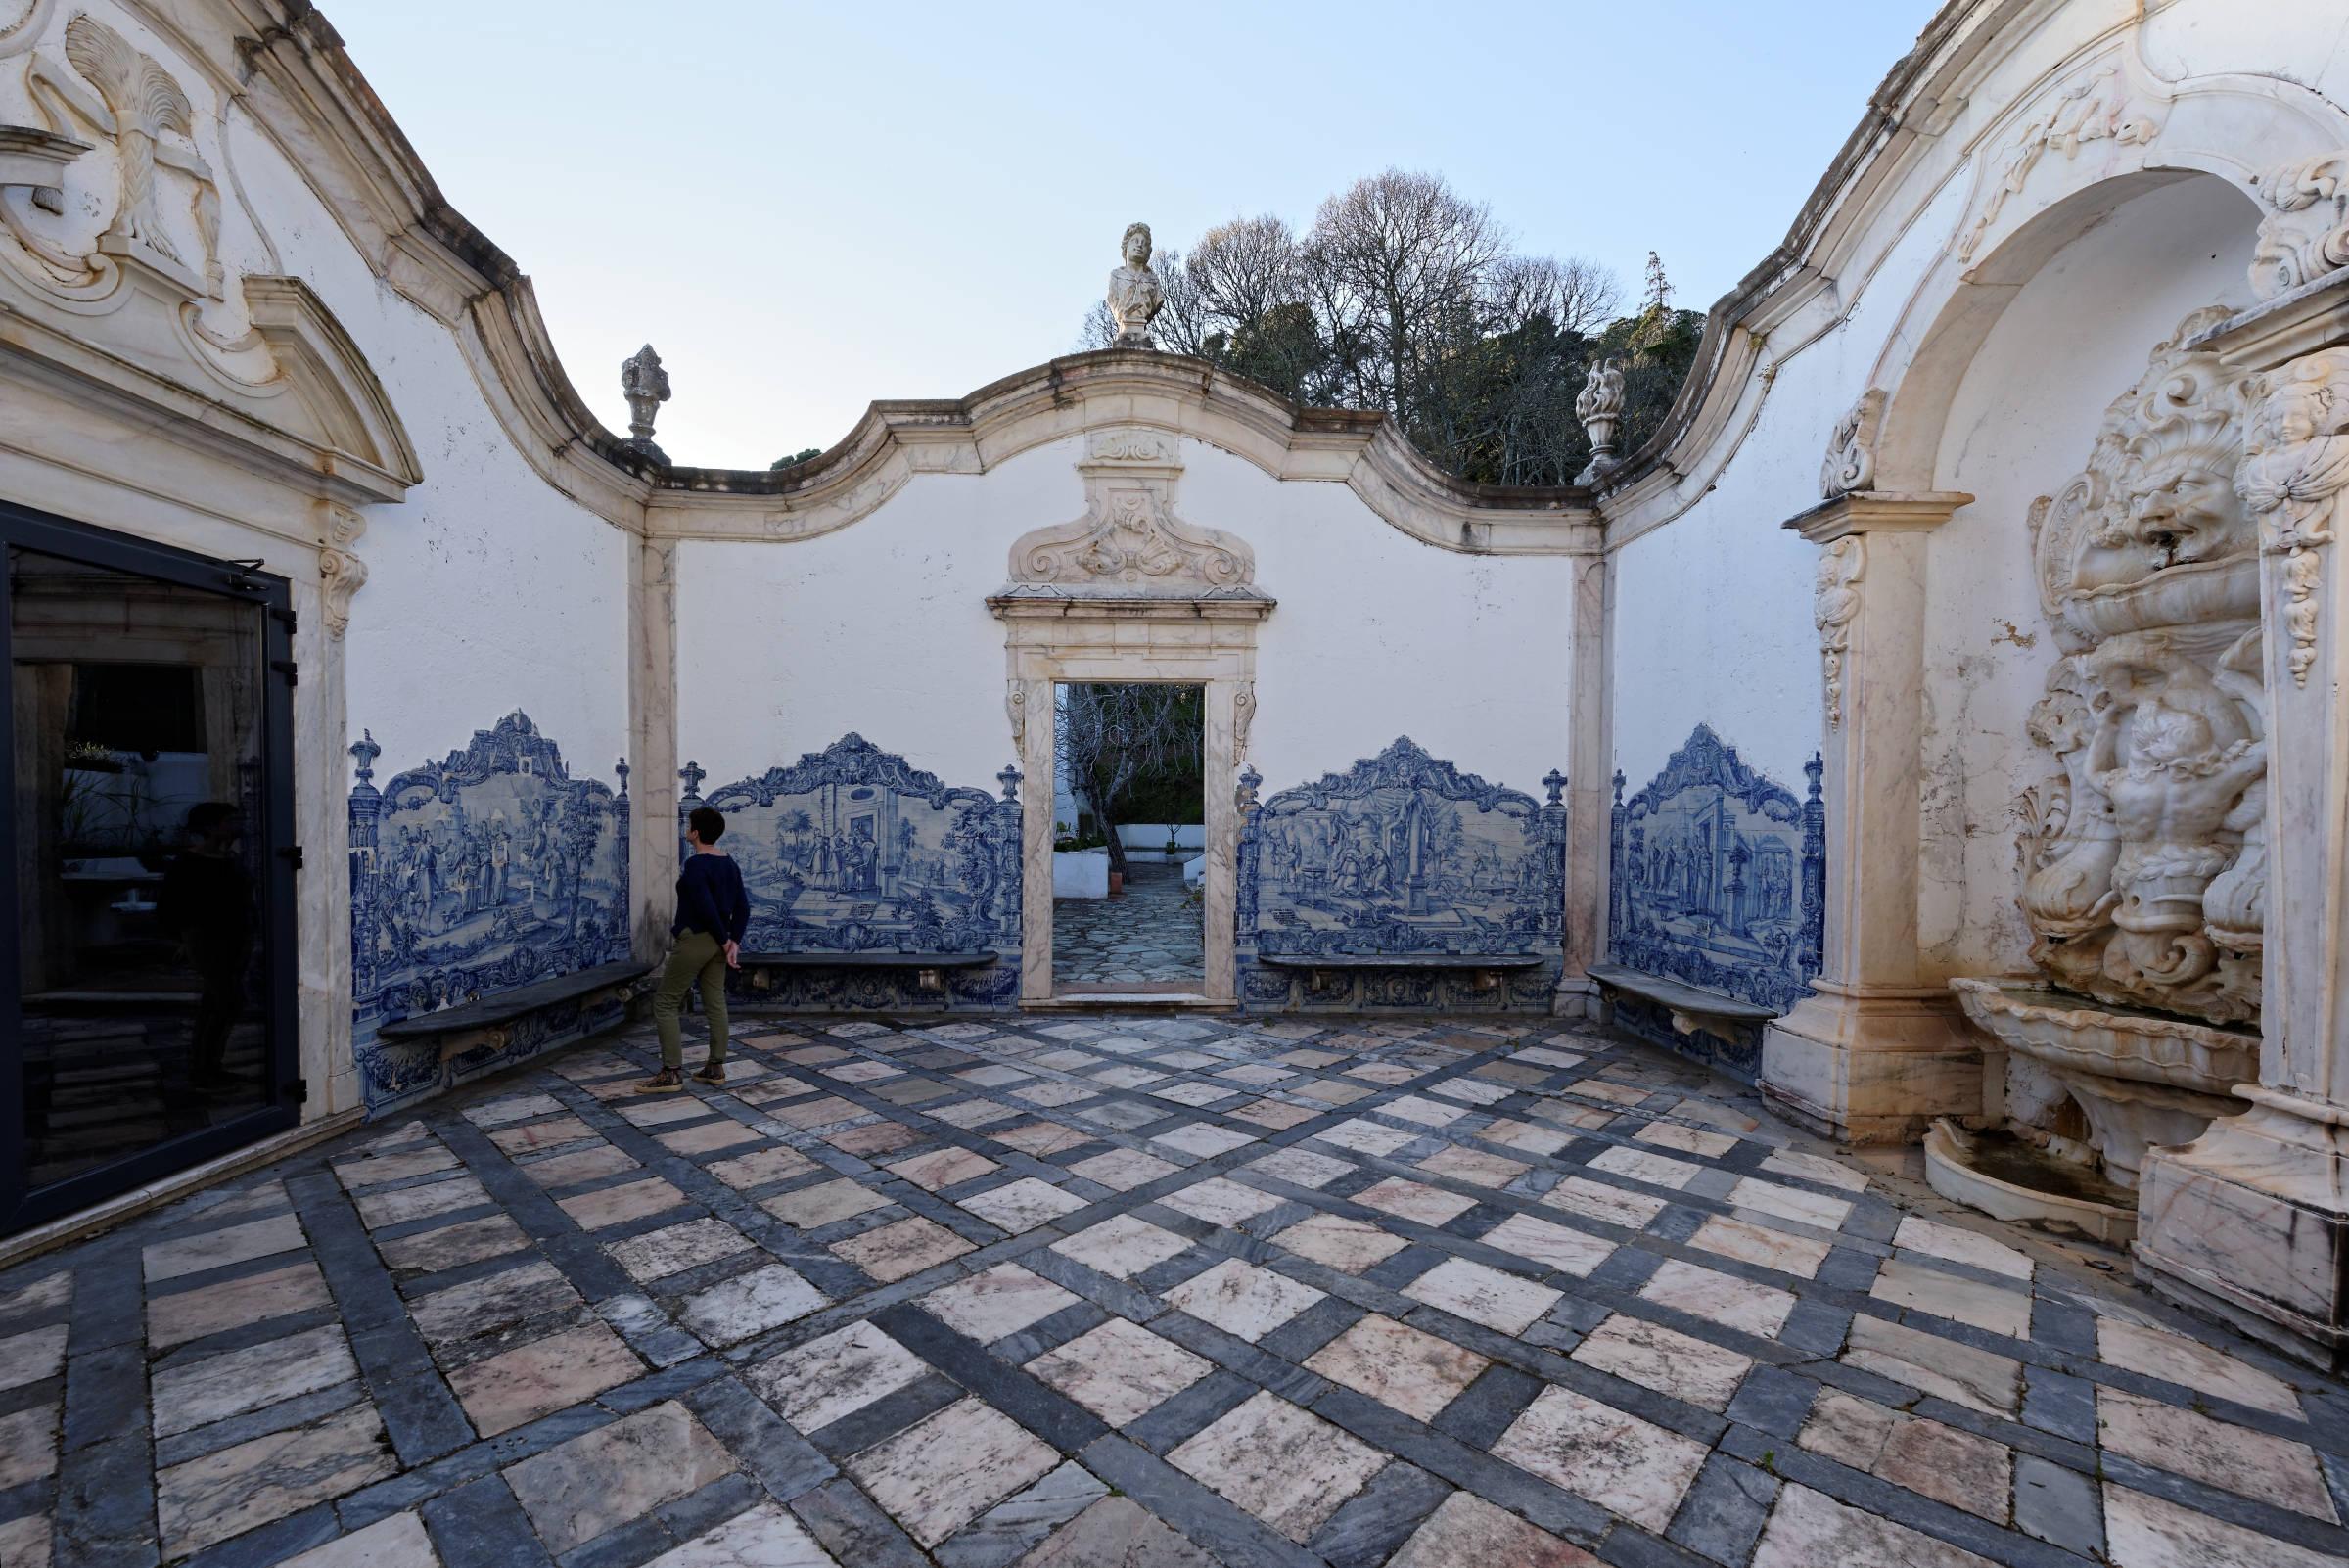 160407-Convento de sao paulo (Alentero Portugal) (131)